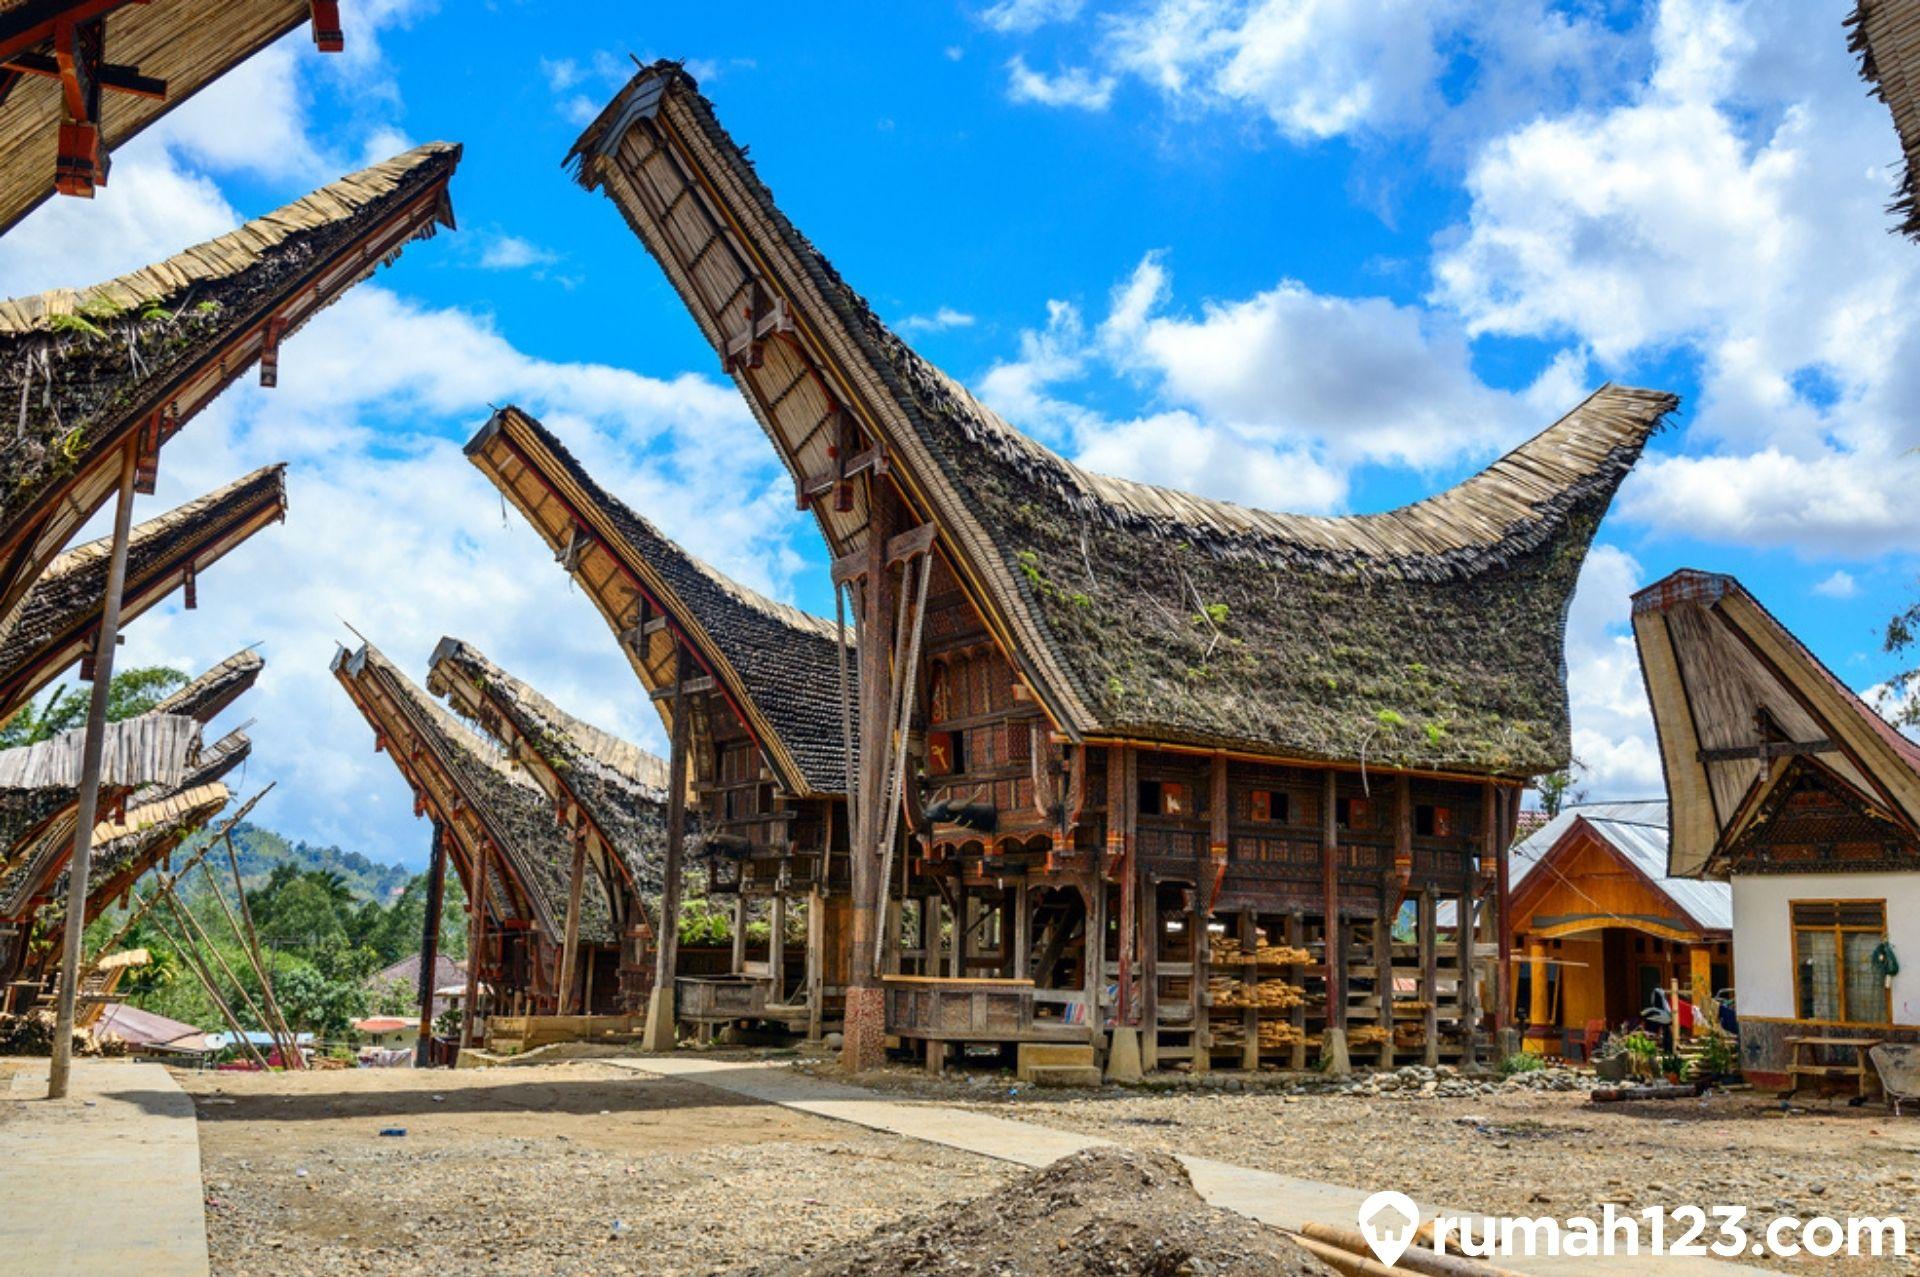 5 Rumah Adat Sulawesi Selatan Beserta Penjelasan Dan Contoh Gambar Rumah123 Com